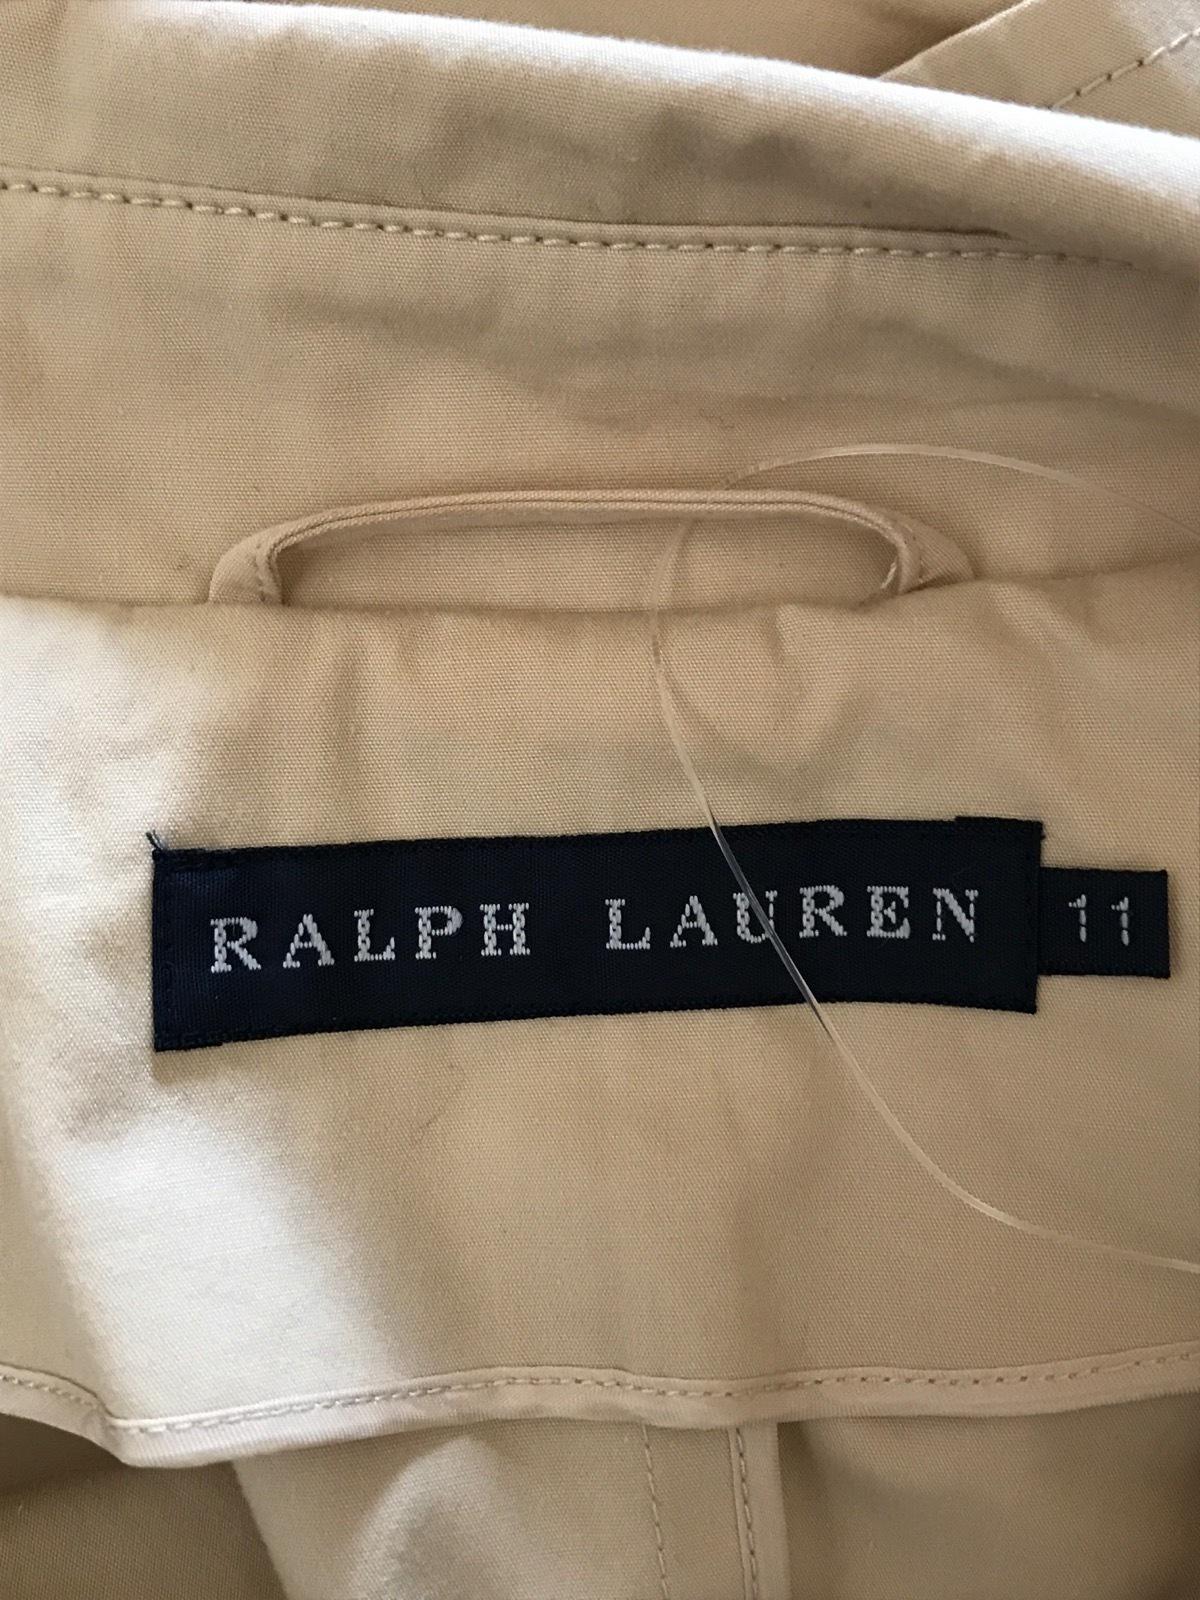 RalphLauren(ラルフローレン)のコート